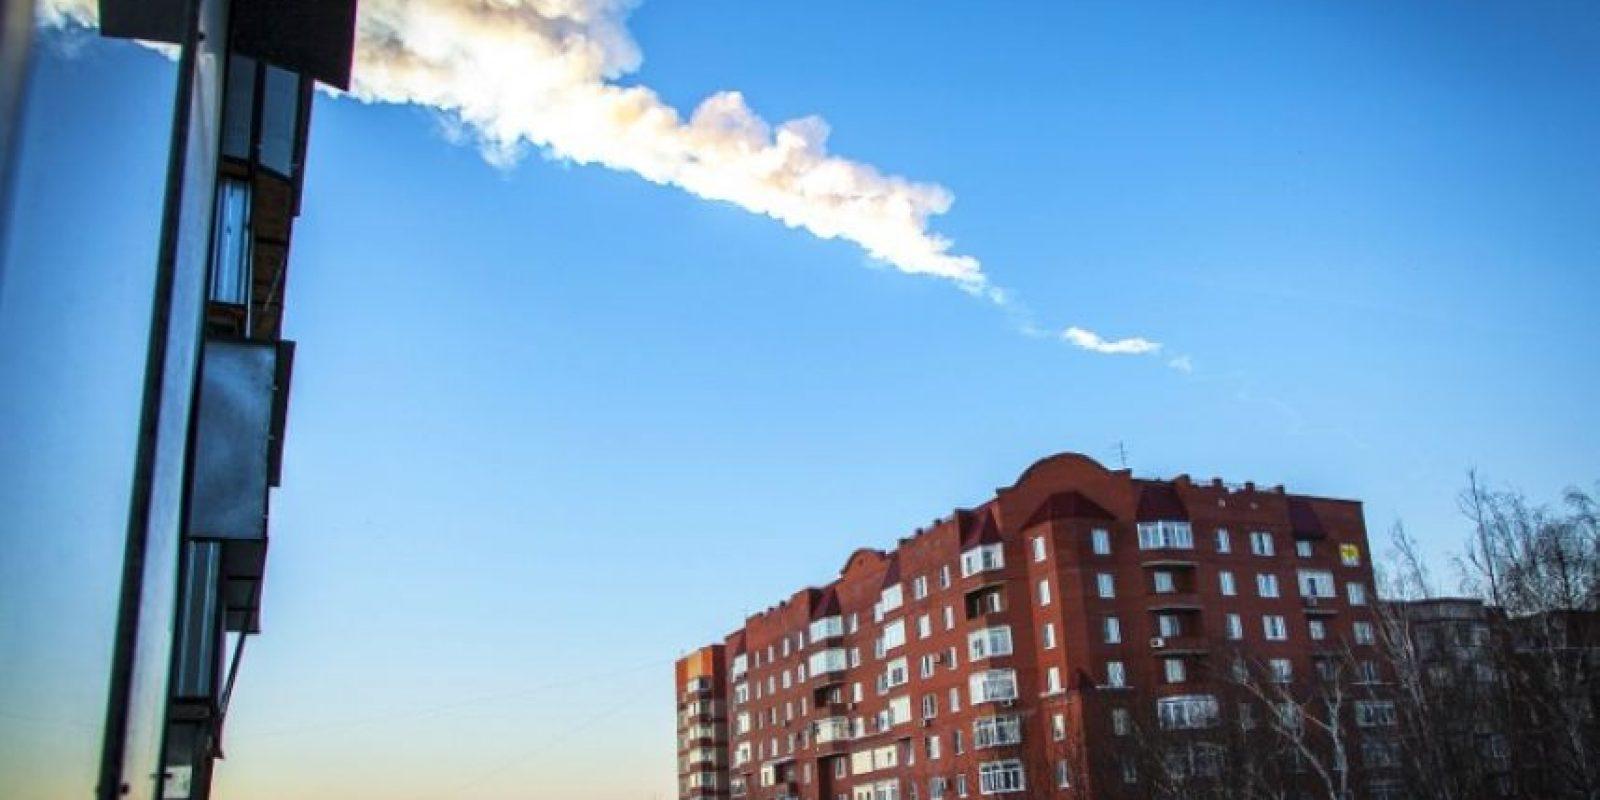 Foto del meteorito que cayó en Chelyabinks, Rusia, en 2013. Foto:AFP